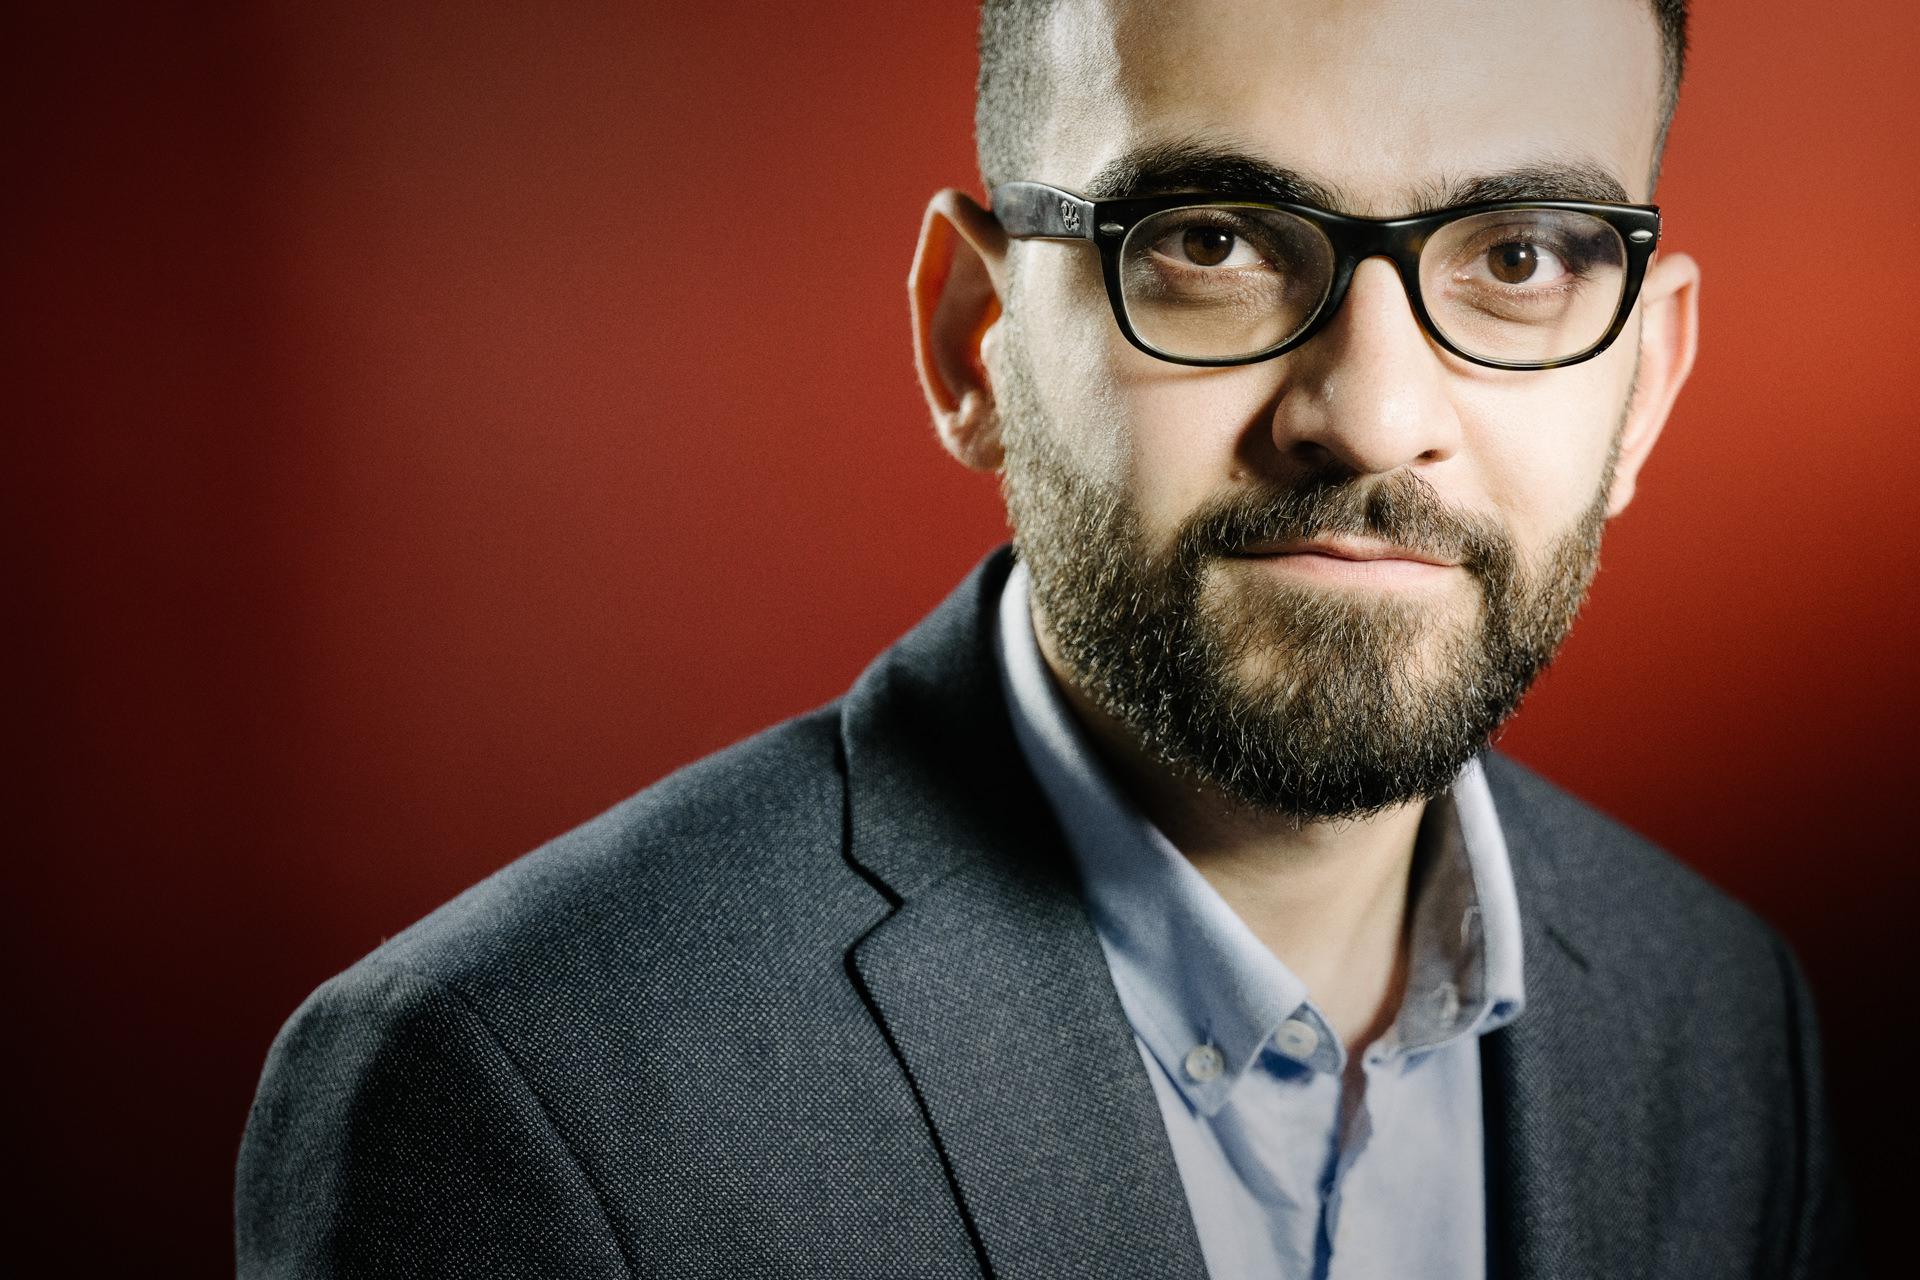 Mohammed Hawar